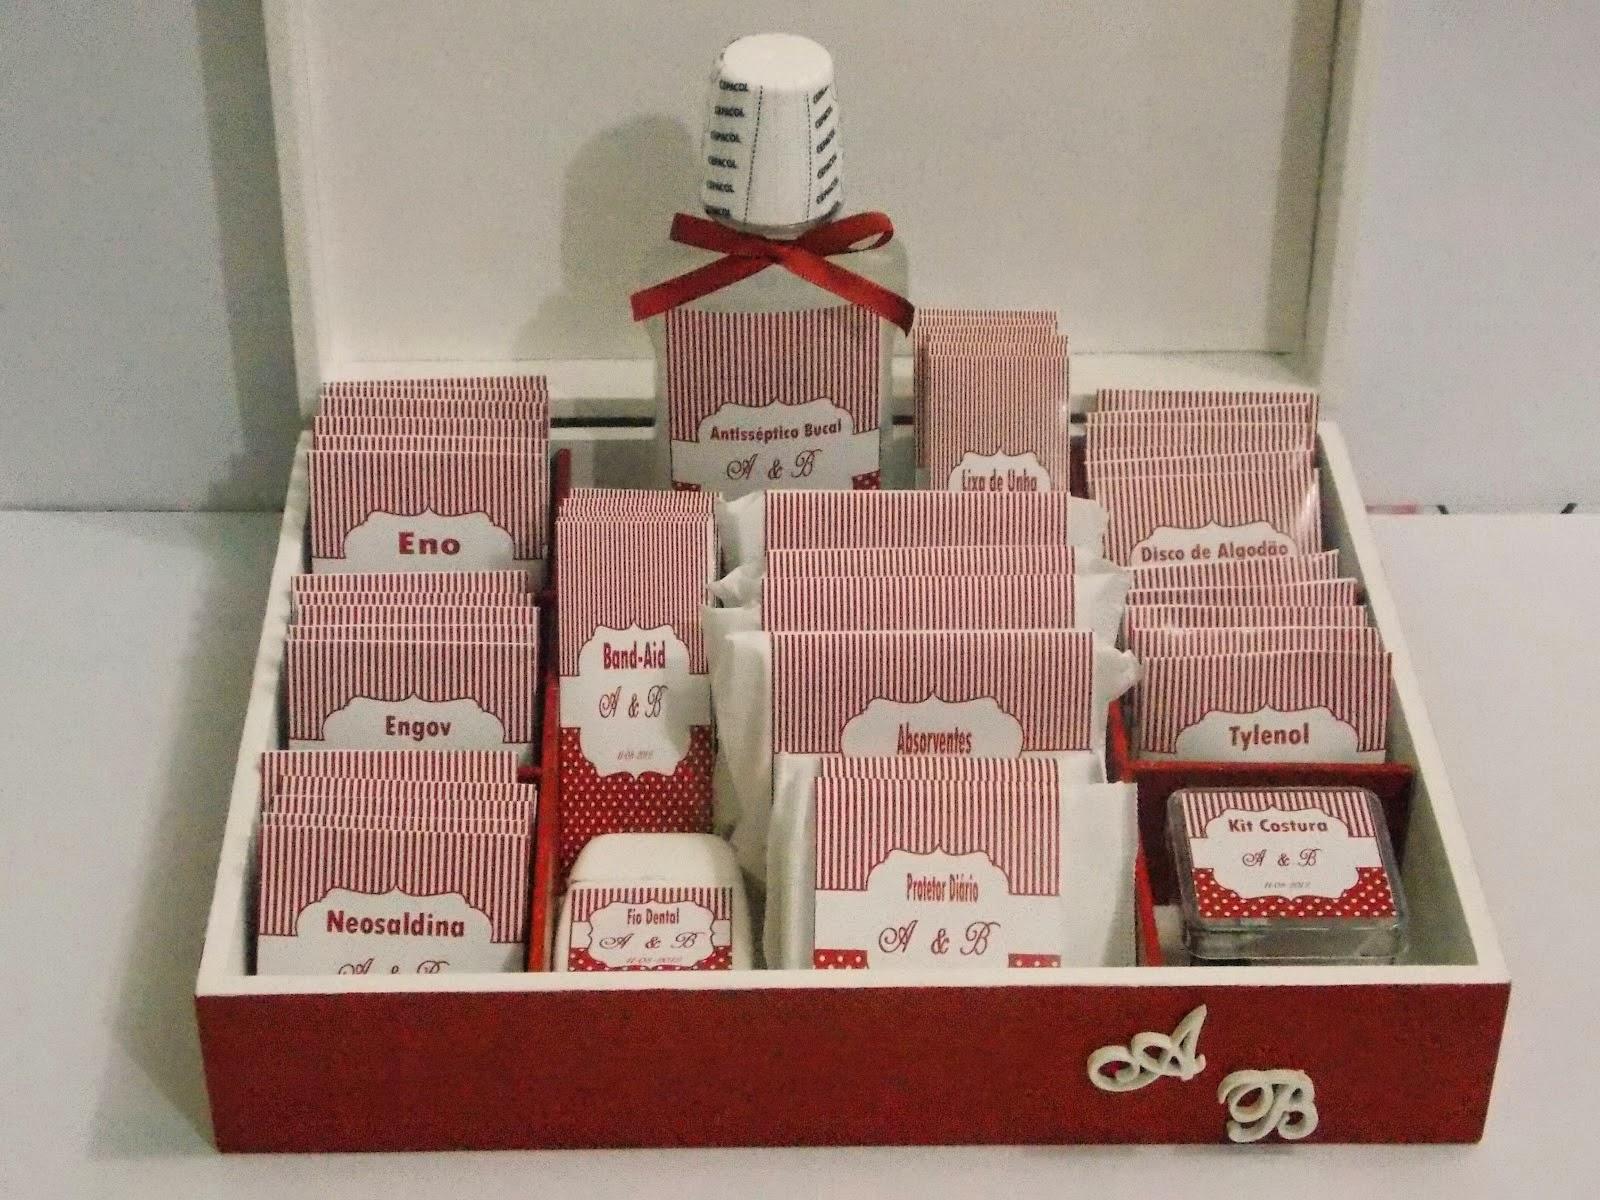 ideias criativas para casamento - kit de emergência para os banheiros